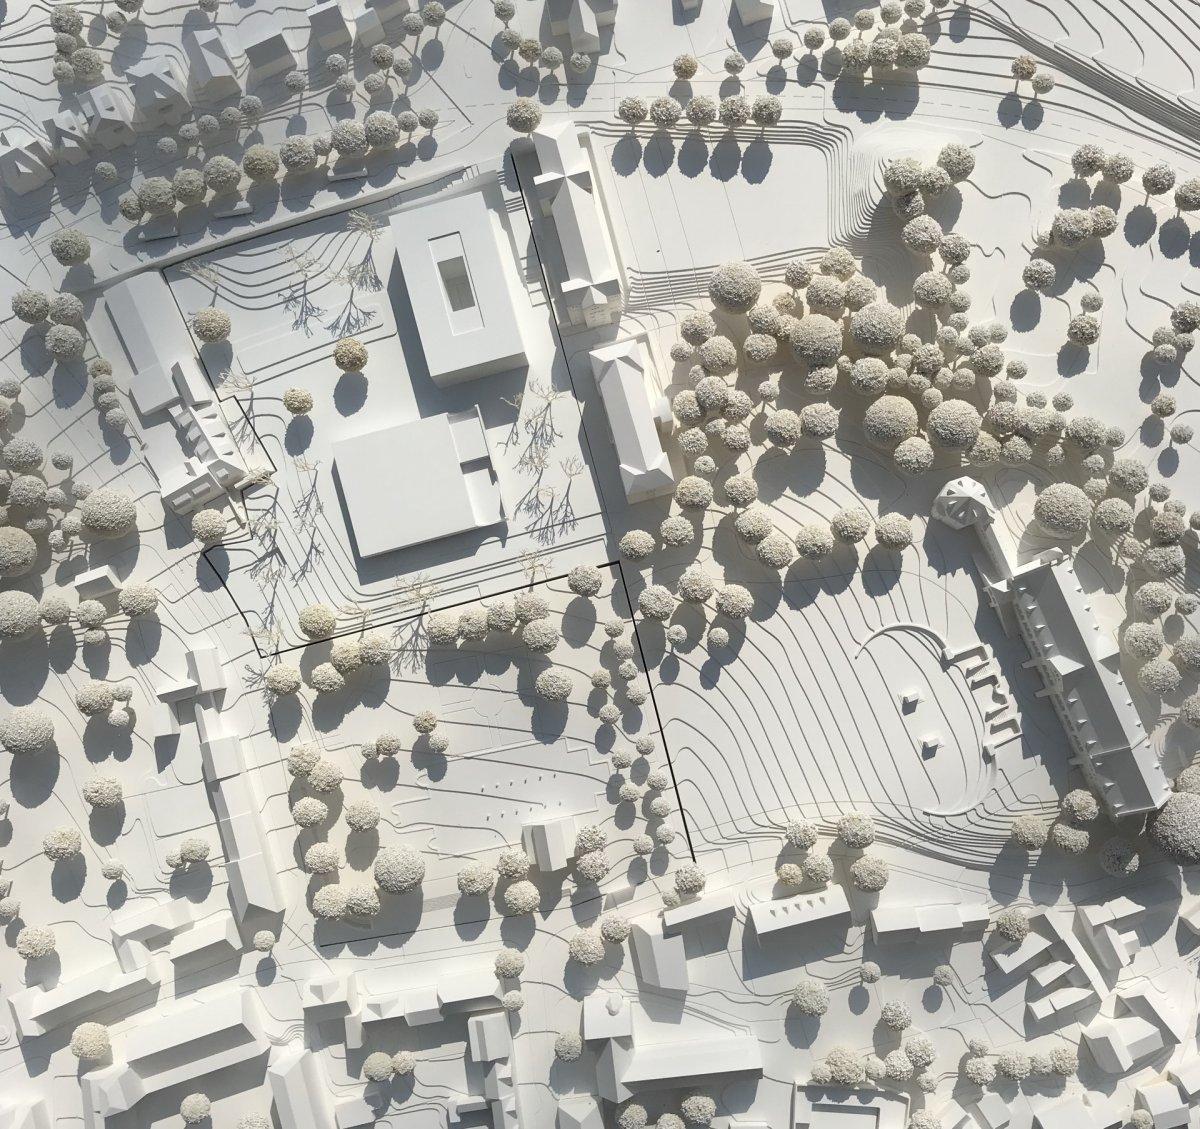 Waechter + Waechter Architekten BDA, Darmstadt mit terra.nova Landschaftsarchitektur, München